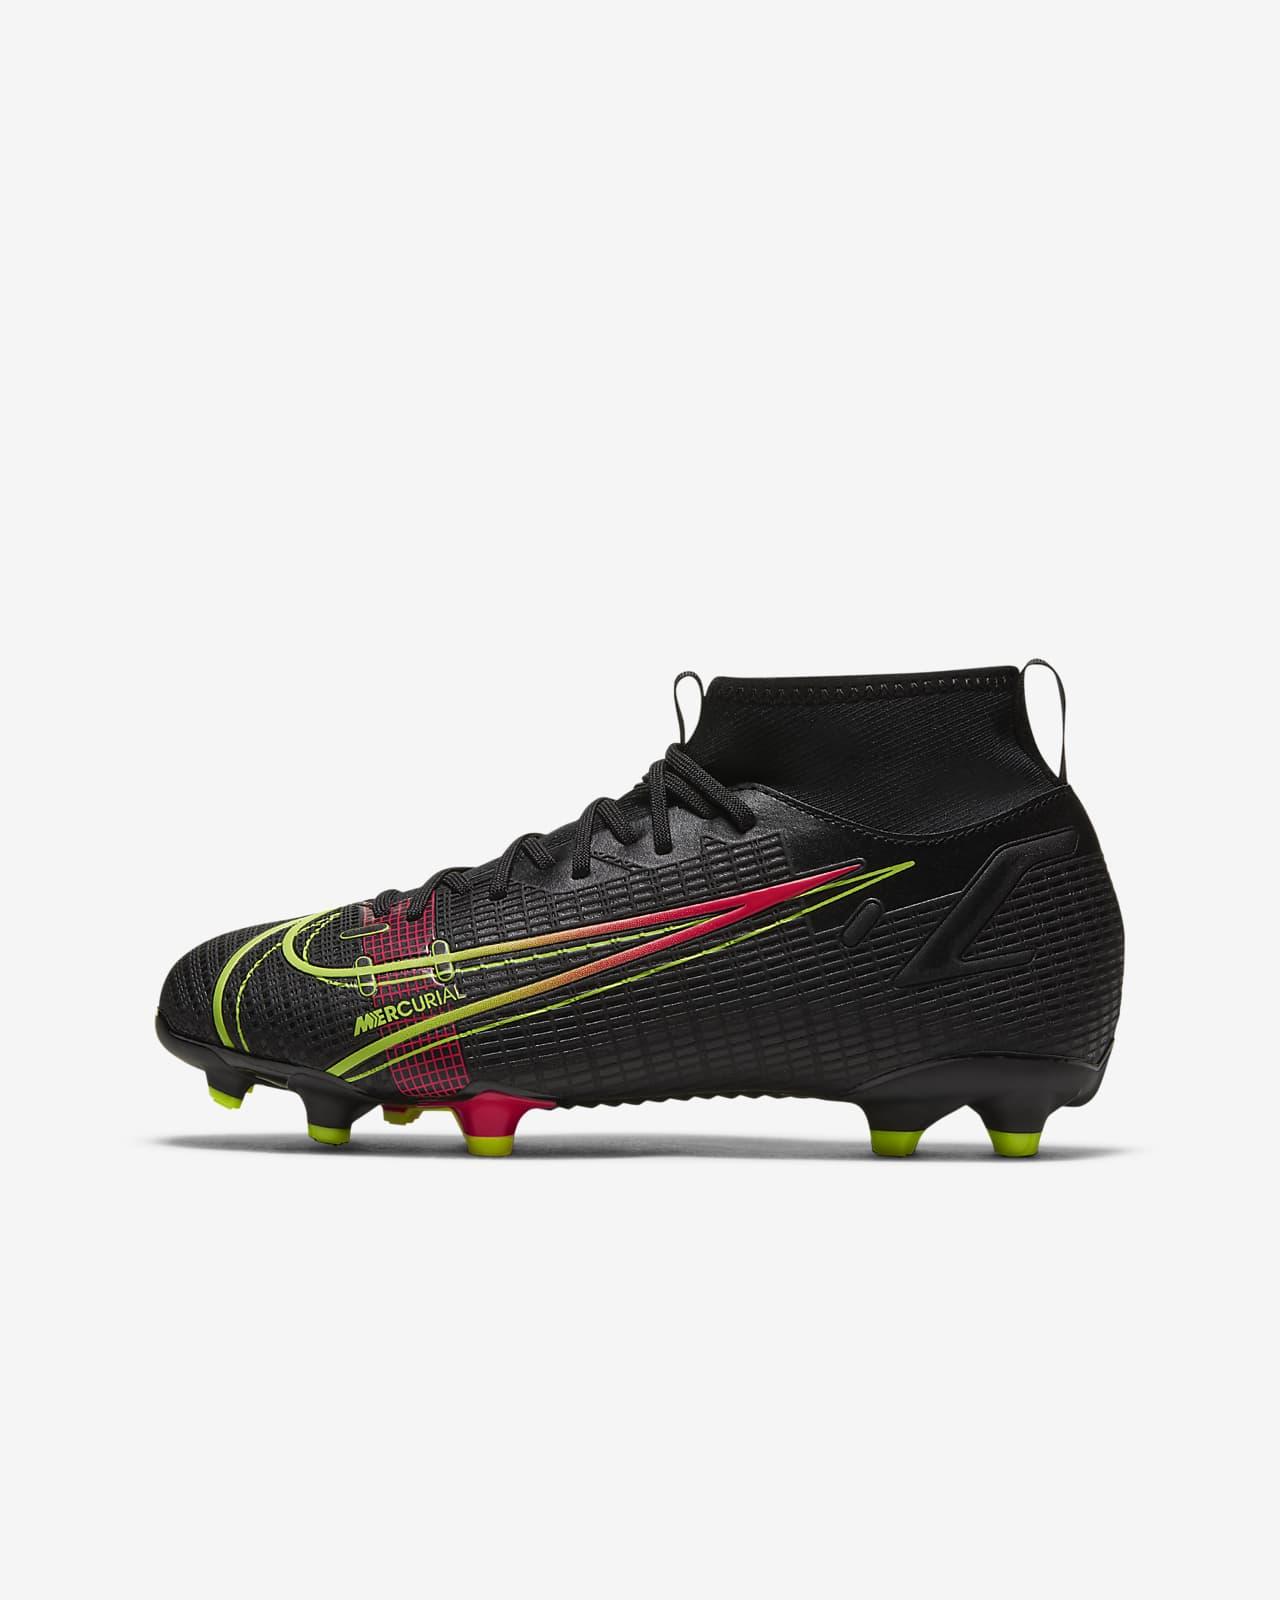 Chaussure de football à crampons multi-surfaces Nike Jr. Mercurial Superfly 8 Academy MG pour Jeune enfant/Enfant plus âgé